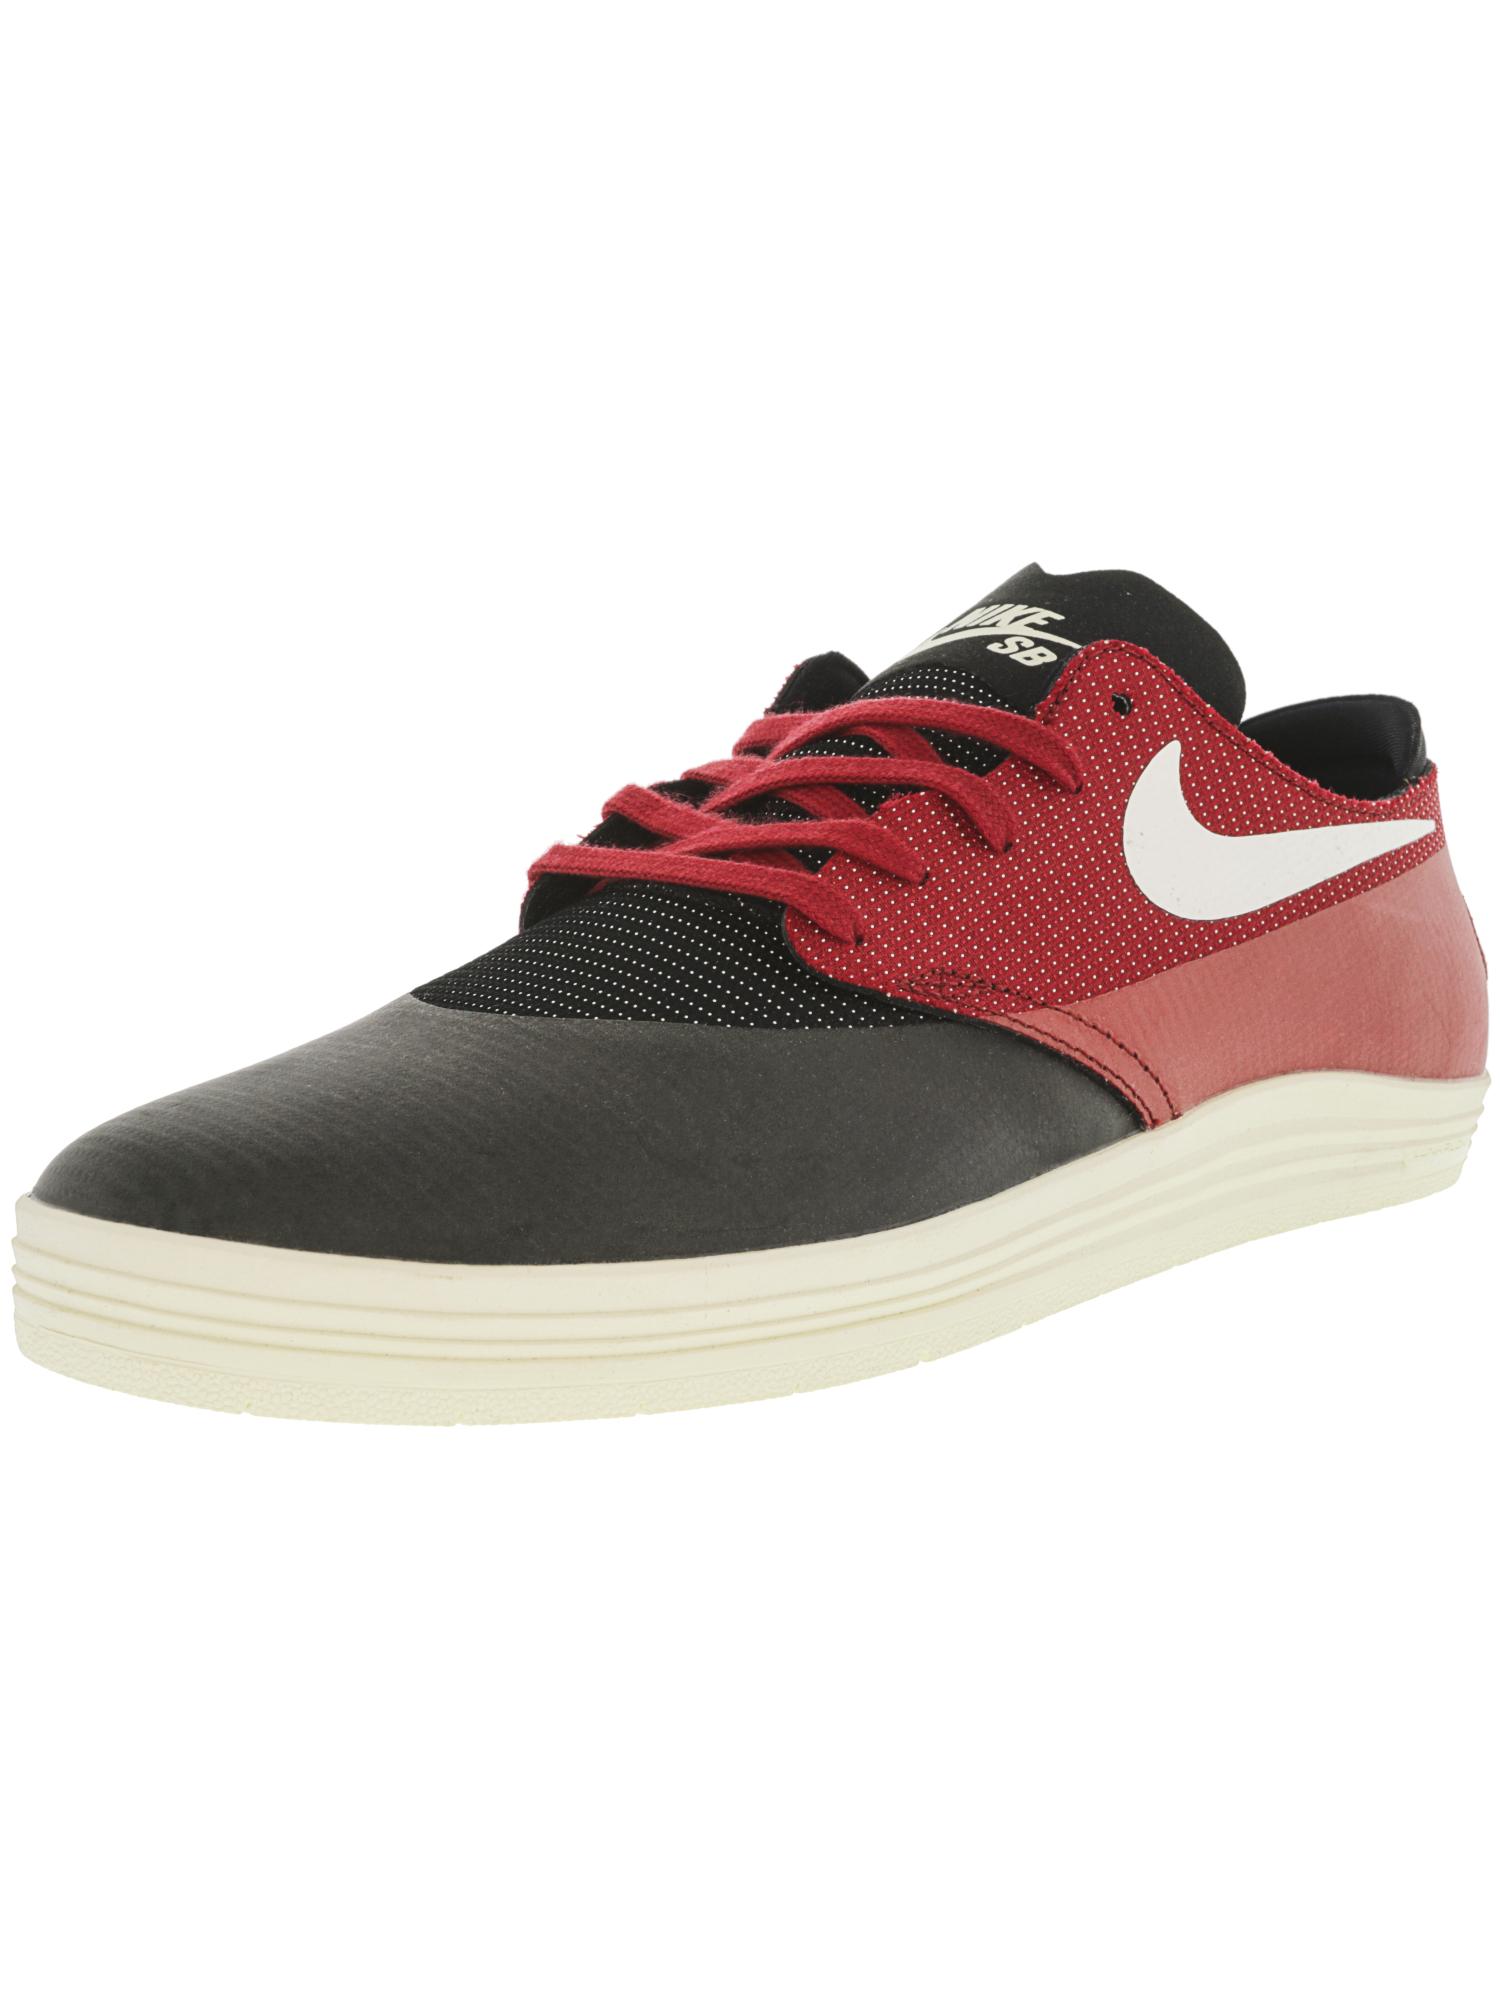 separation shoes 2c0c0 116c7 ... Nike Men s Lunar Oneshot Ankle-High Ankle-High Ankle-High Skateboarding  Shoe cd89dc ...